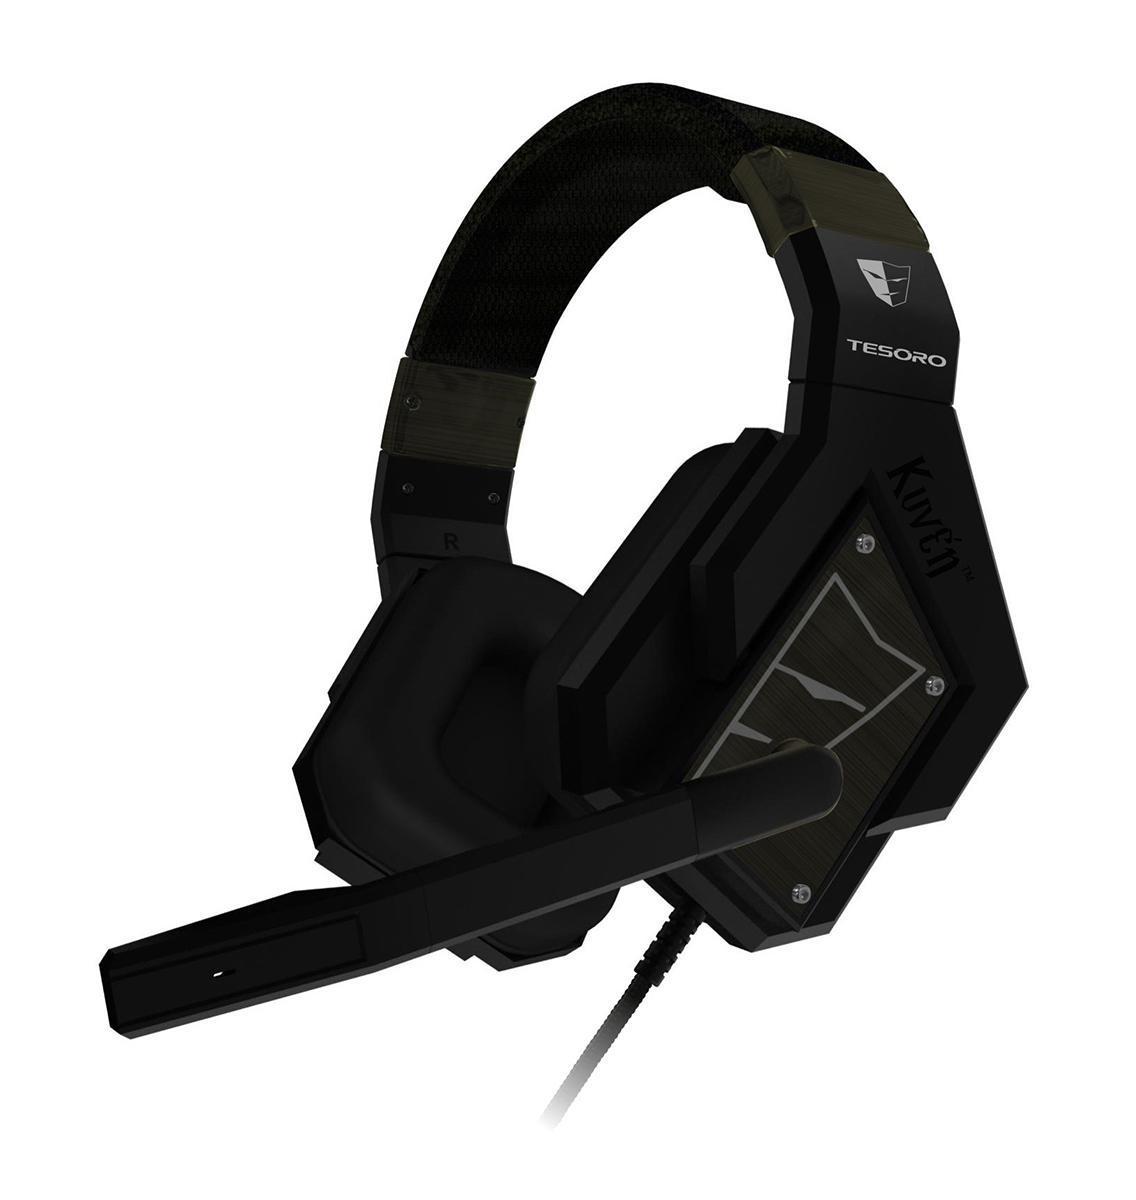 Tesoro Kuven 7.1 Devil TS-A1, Blackпроводная гарнитураKuven 7.1 Devil TS-A1 BlackПрофессиональная игровая гарнитура Tesoro Kuven 7.1 - это результат долгих исследований геймерских пристрастий и требований. Они совмещают в себе всё необходимое: виртуализированный звук 7.1, мощные 50-мм динамики, закрытые чашки со съёмными шумопоглощающими амбушюрами, контроллер звука, высококачественный микрофон и стильный внешний вид.Данная модель обладает чистейшим звучанием и обеспечивают превосходную слышимость во время игры. Благодаря продвинутой технологии виртуализации объёмного звука, вы сможете быть готовым к столкновению с самым осторожным противником, потому что будете слышать его задолго до того, как он сможет вас увидеть.Благодаря виртуализированному звуку 7.1 вы сможете точно определять местоположение ваших противников и составлять наиболее полную картину боя.50-мм динамики обеспечивают мощное, чистое звучание, благодаря которому погружение в игру будет максимально глубоким. Закрытый тип наушников и плотные амбушюры позволят сосредоточиться на игре и не позволят внешним шумам отвлекать вас от игры. Держатели динамиков свободно вращаются, что позволяет амбушюрам плотно прилегать к голове и обеспечивает максимальный комфорт.Наушники оборудованы пультом управления, который позволяет регулировать громкость и отключать микрофон.Гарнитуру можно подключить через USB, стандартные 3,5-мм разъемы или через один универсальный мини-джек.